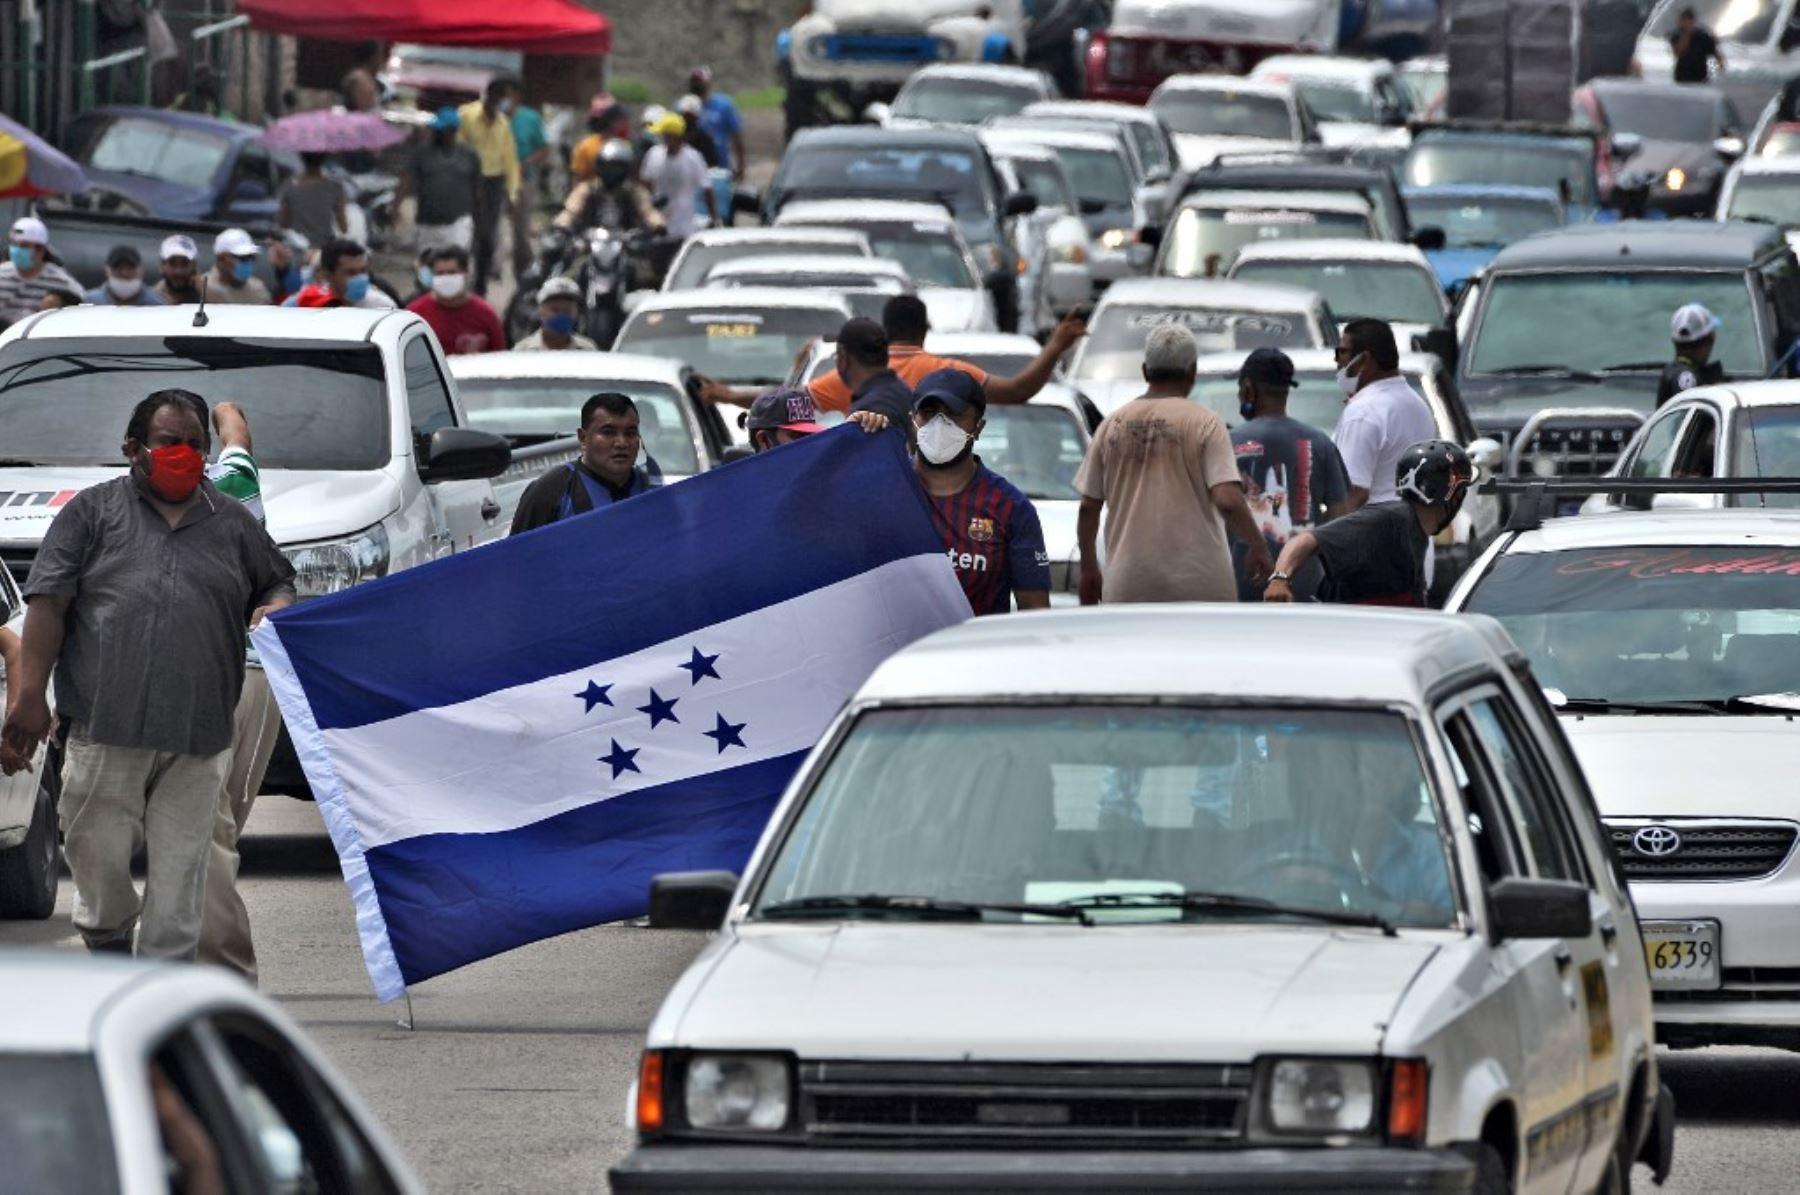 Los taxistas sostienen una bandera hondureña mientras bloquean un camino para protestar por la demanda de alimentos y ayuda económica en Tegucigalpa. Foto: AFP